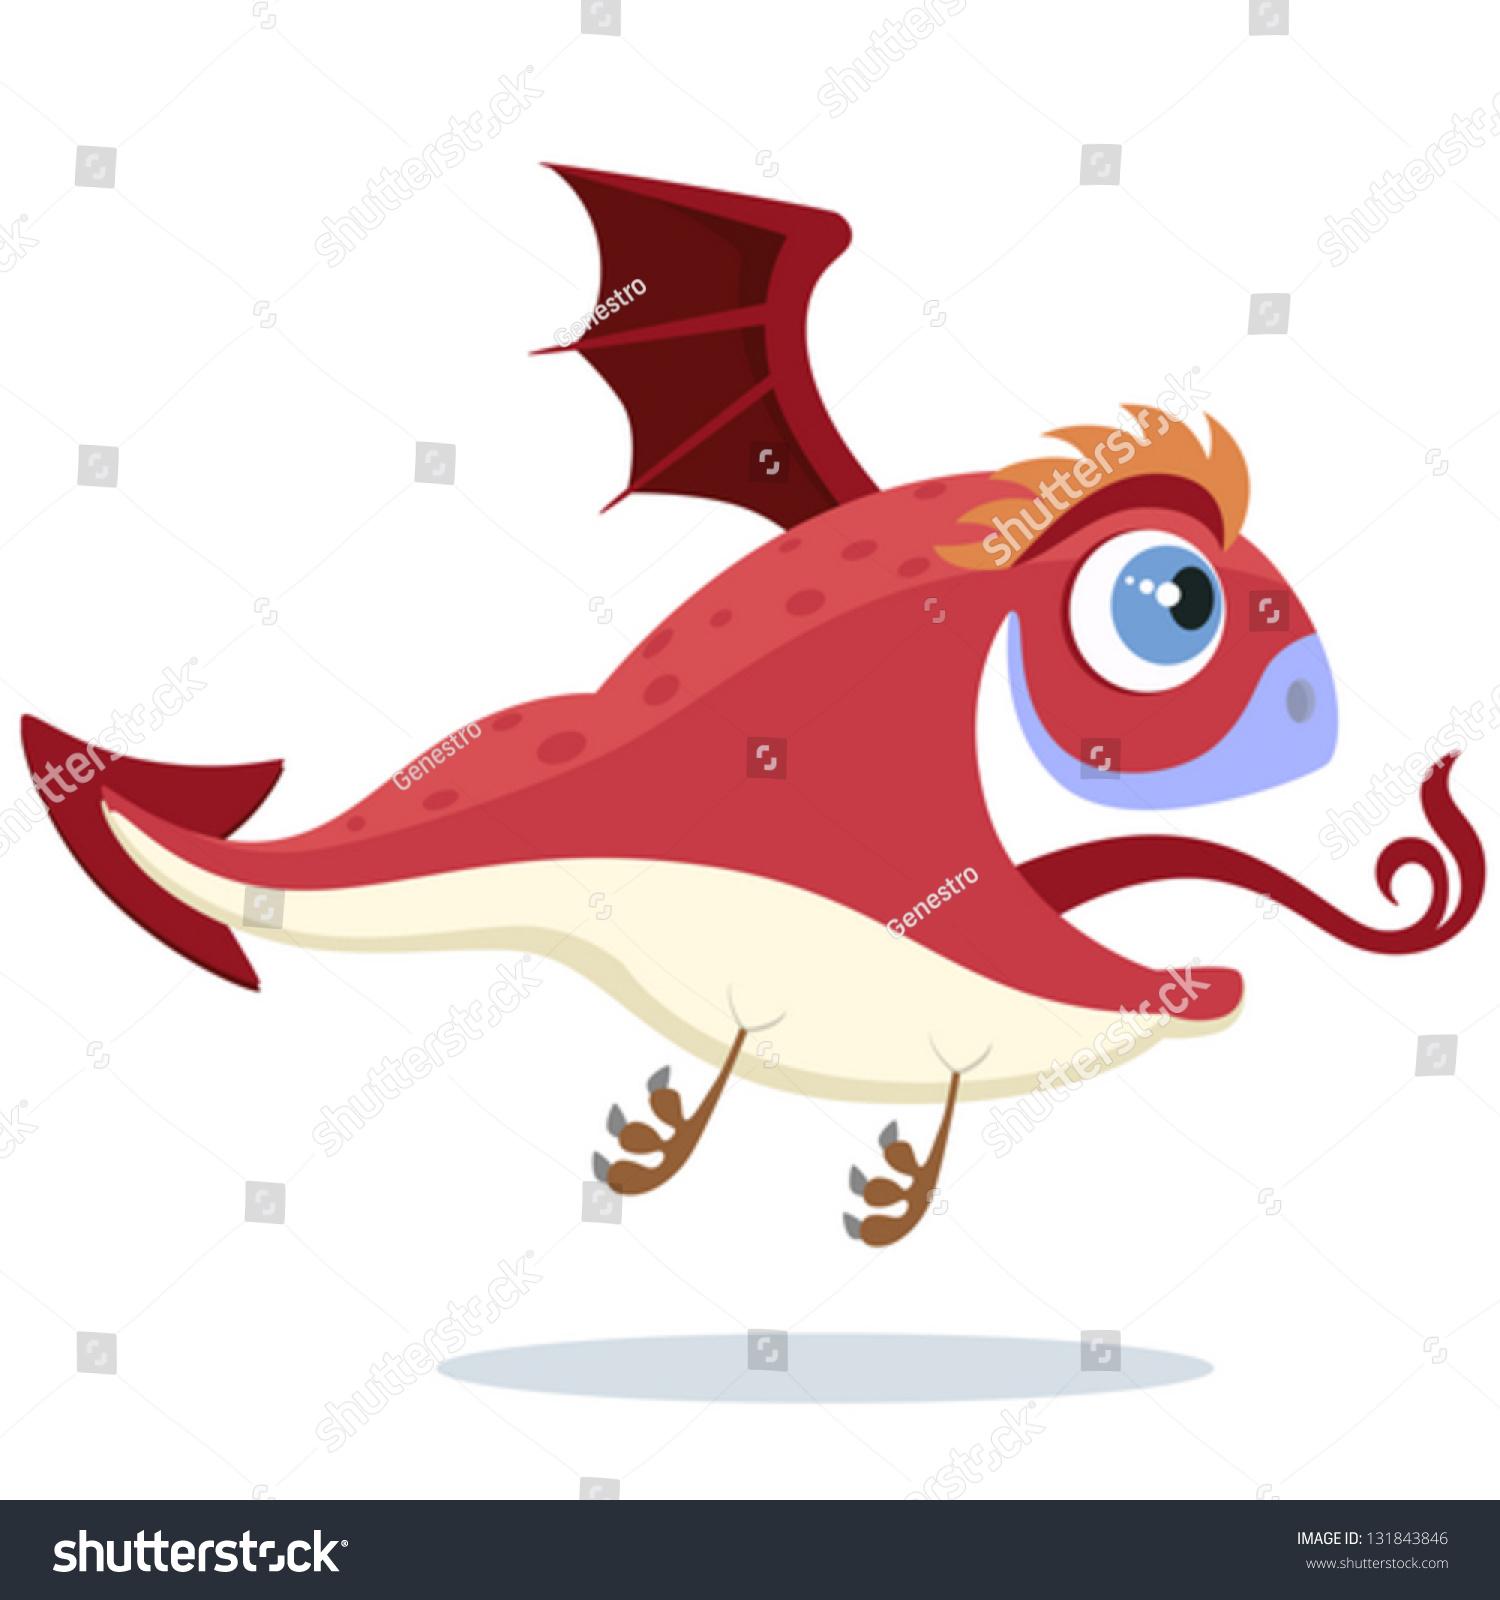 Flying Red Little Dragon Stock Vector 131843846 - Shutterstock